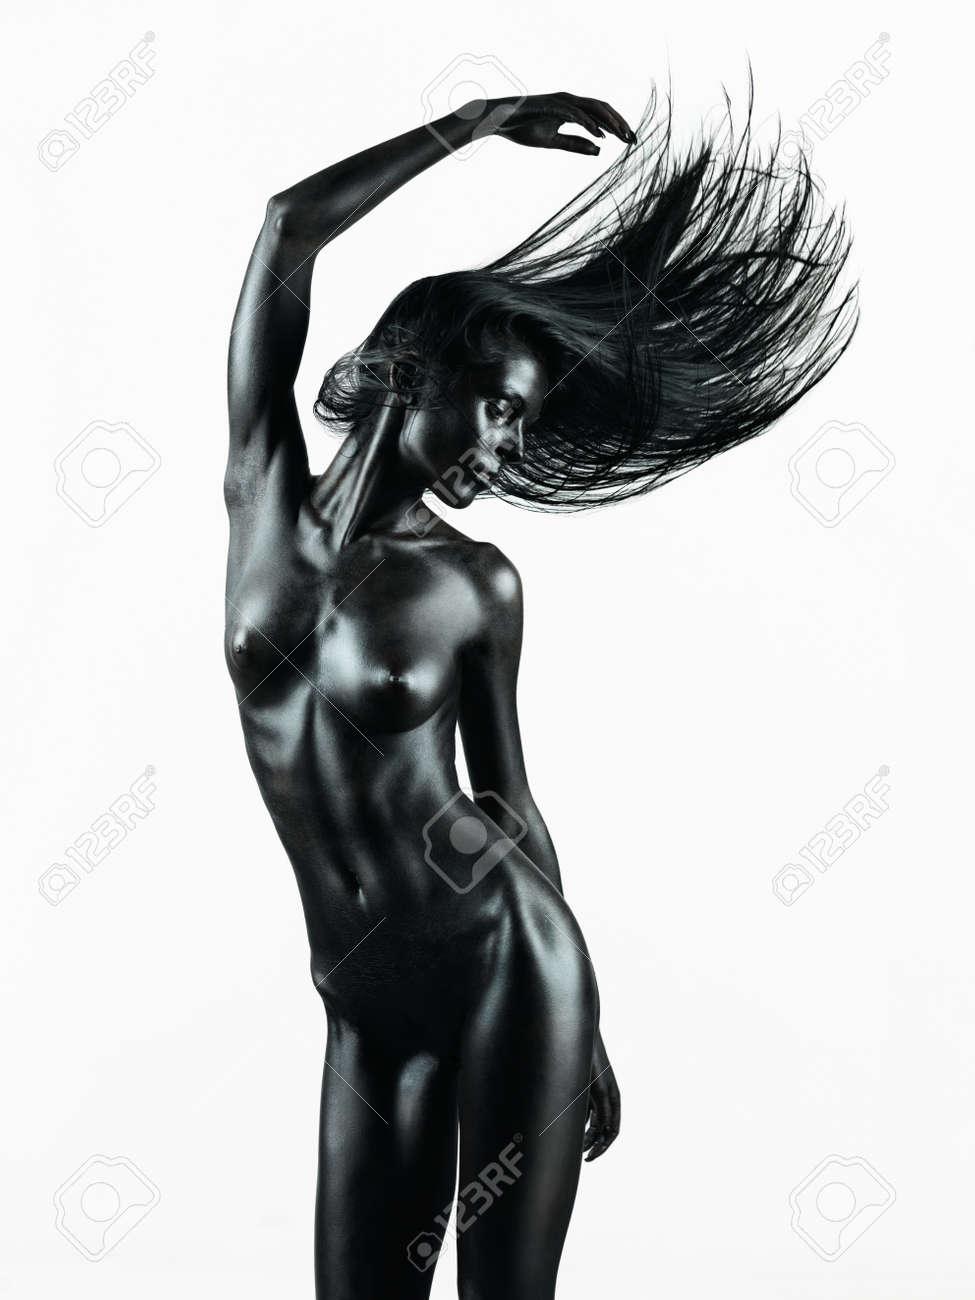 chica de escalada gimnástica desnuda